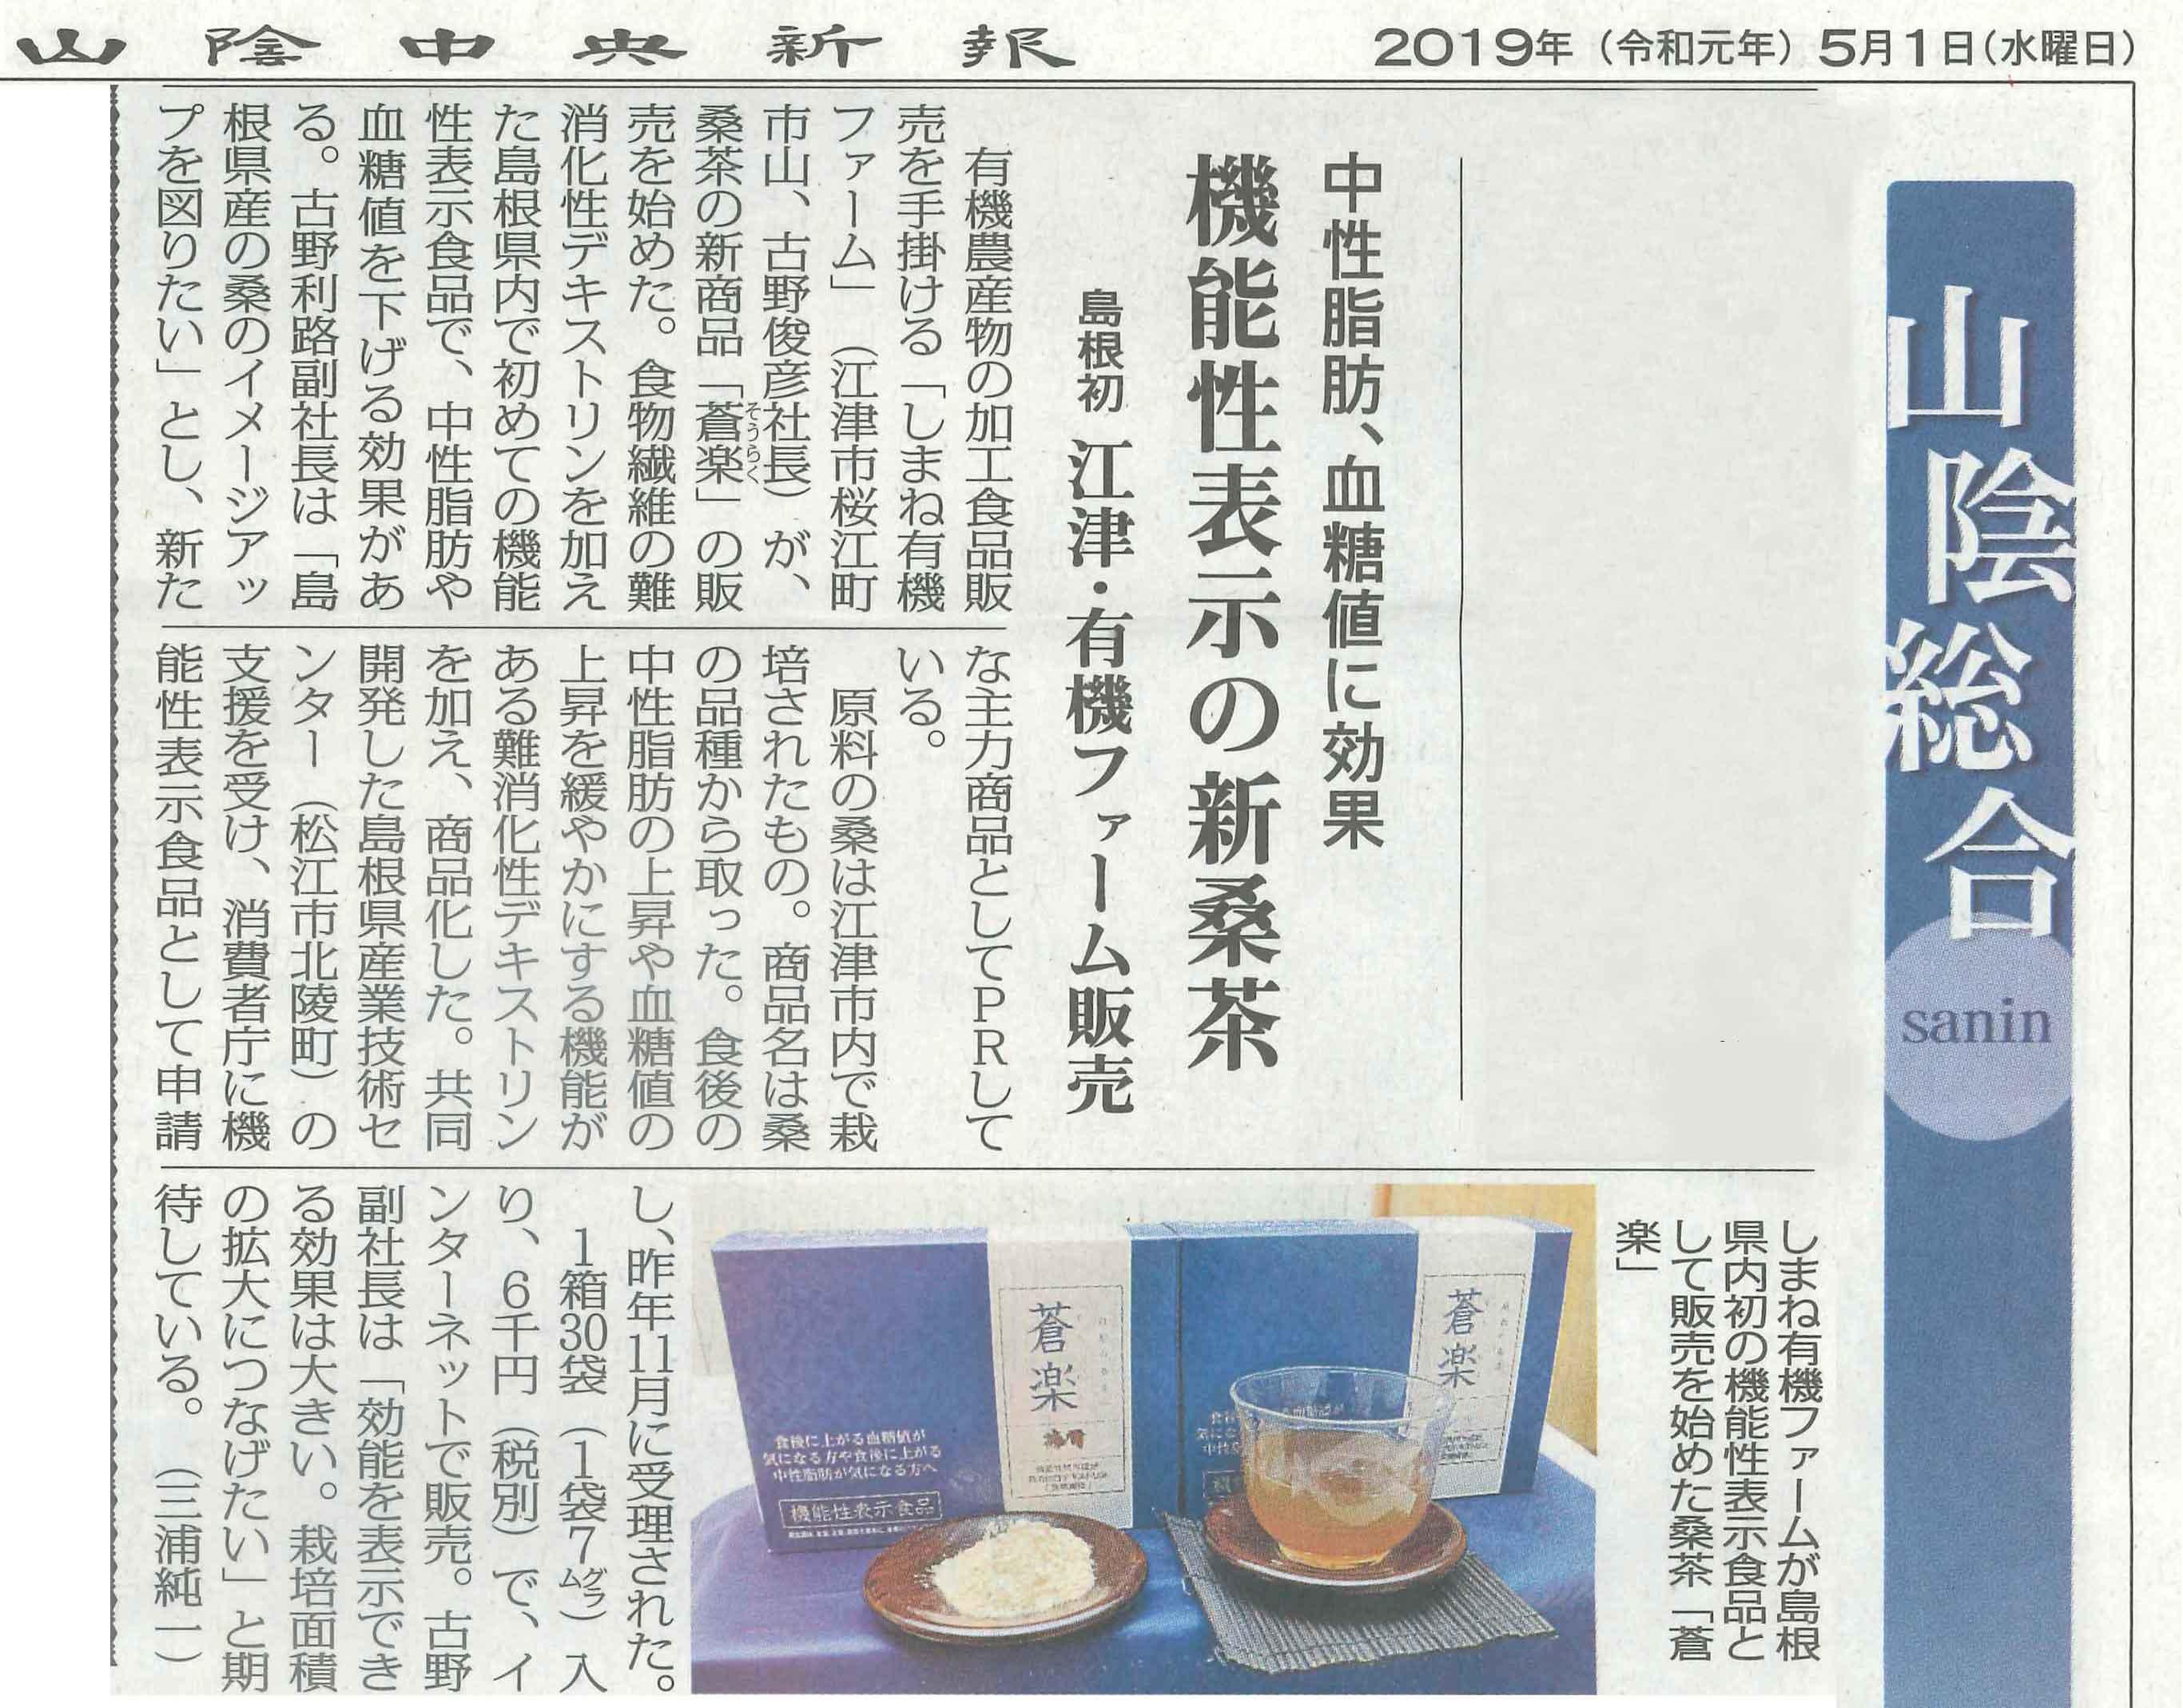 山陰中央新報で「蒼楽」が紹介されました/2019年5月掲載